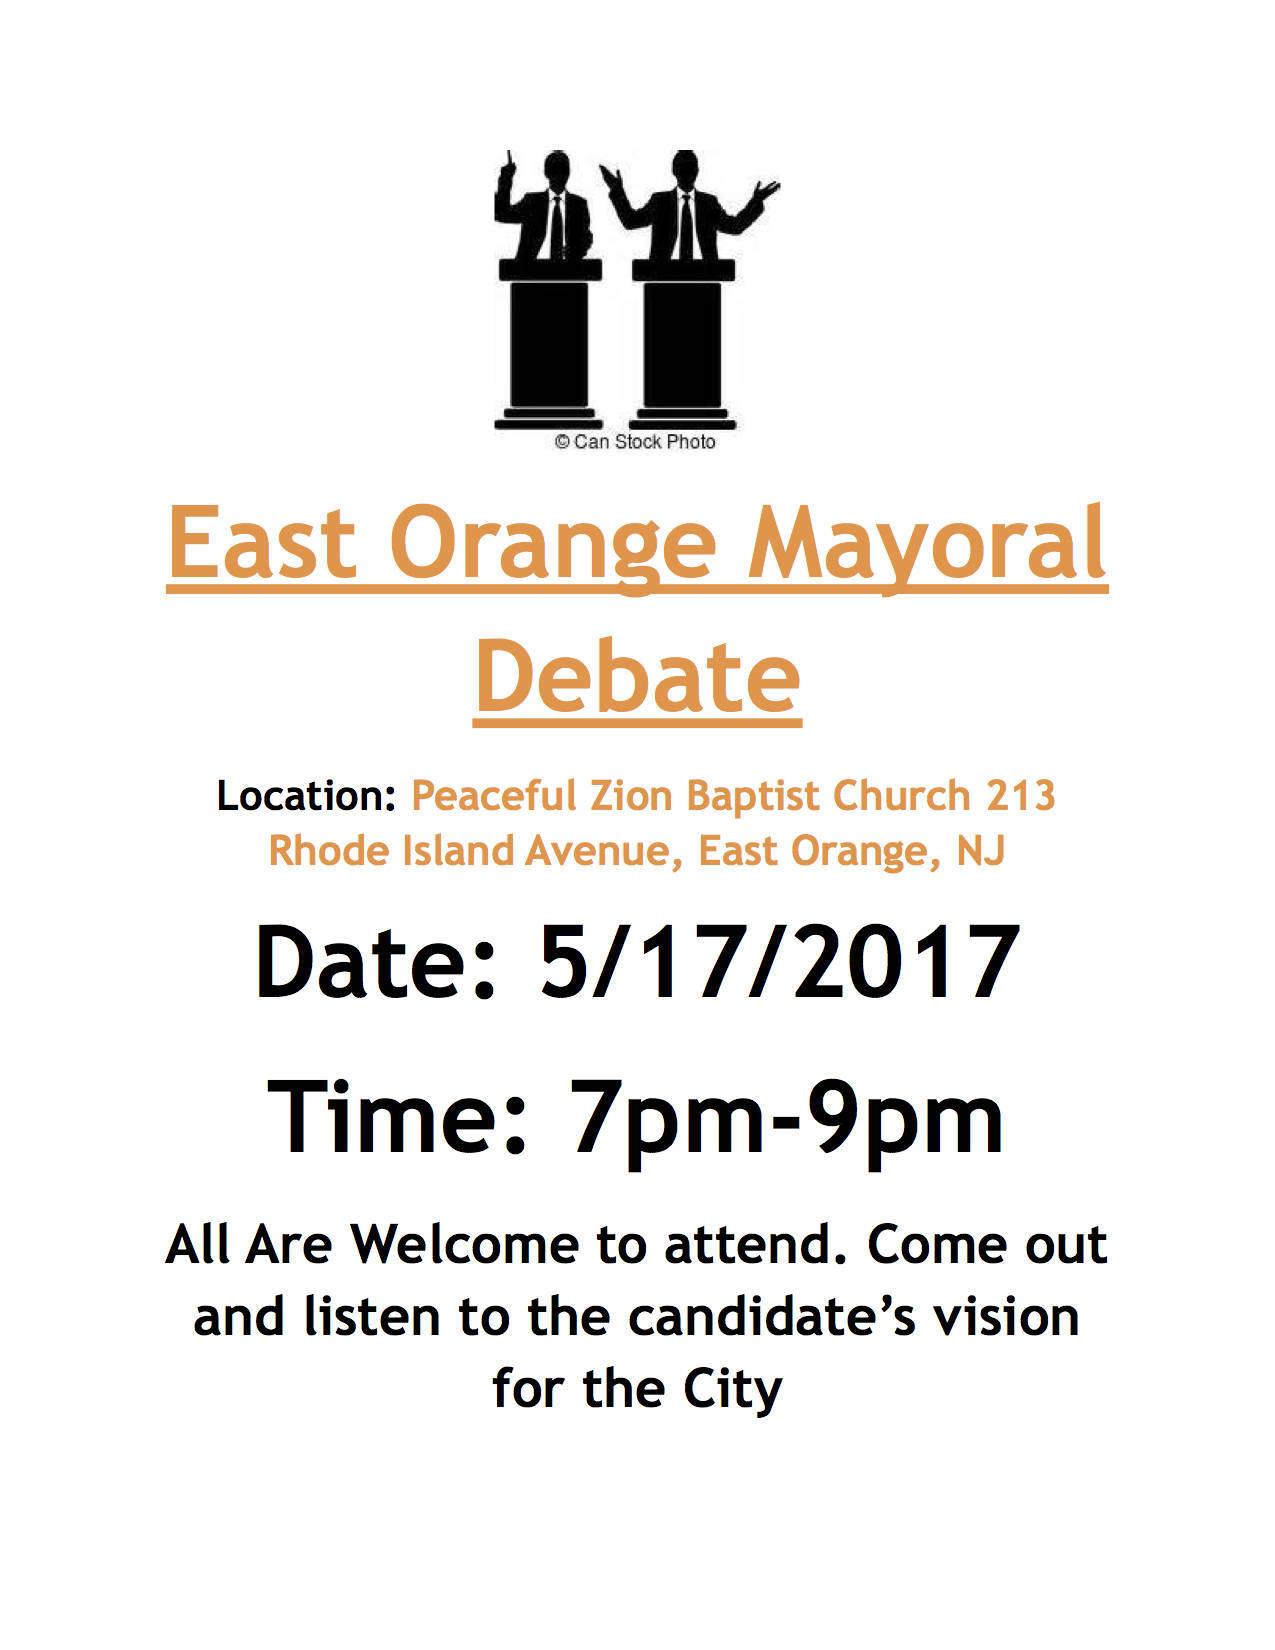 0ef6319b13a91706ede3_East_Orange_Mayoral_Debate_copy.jpg